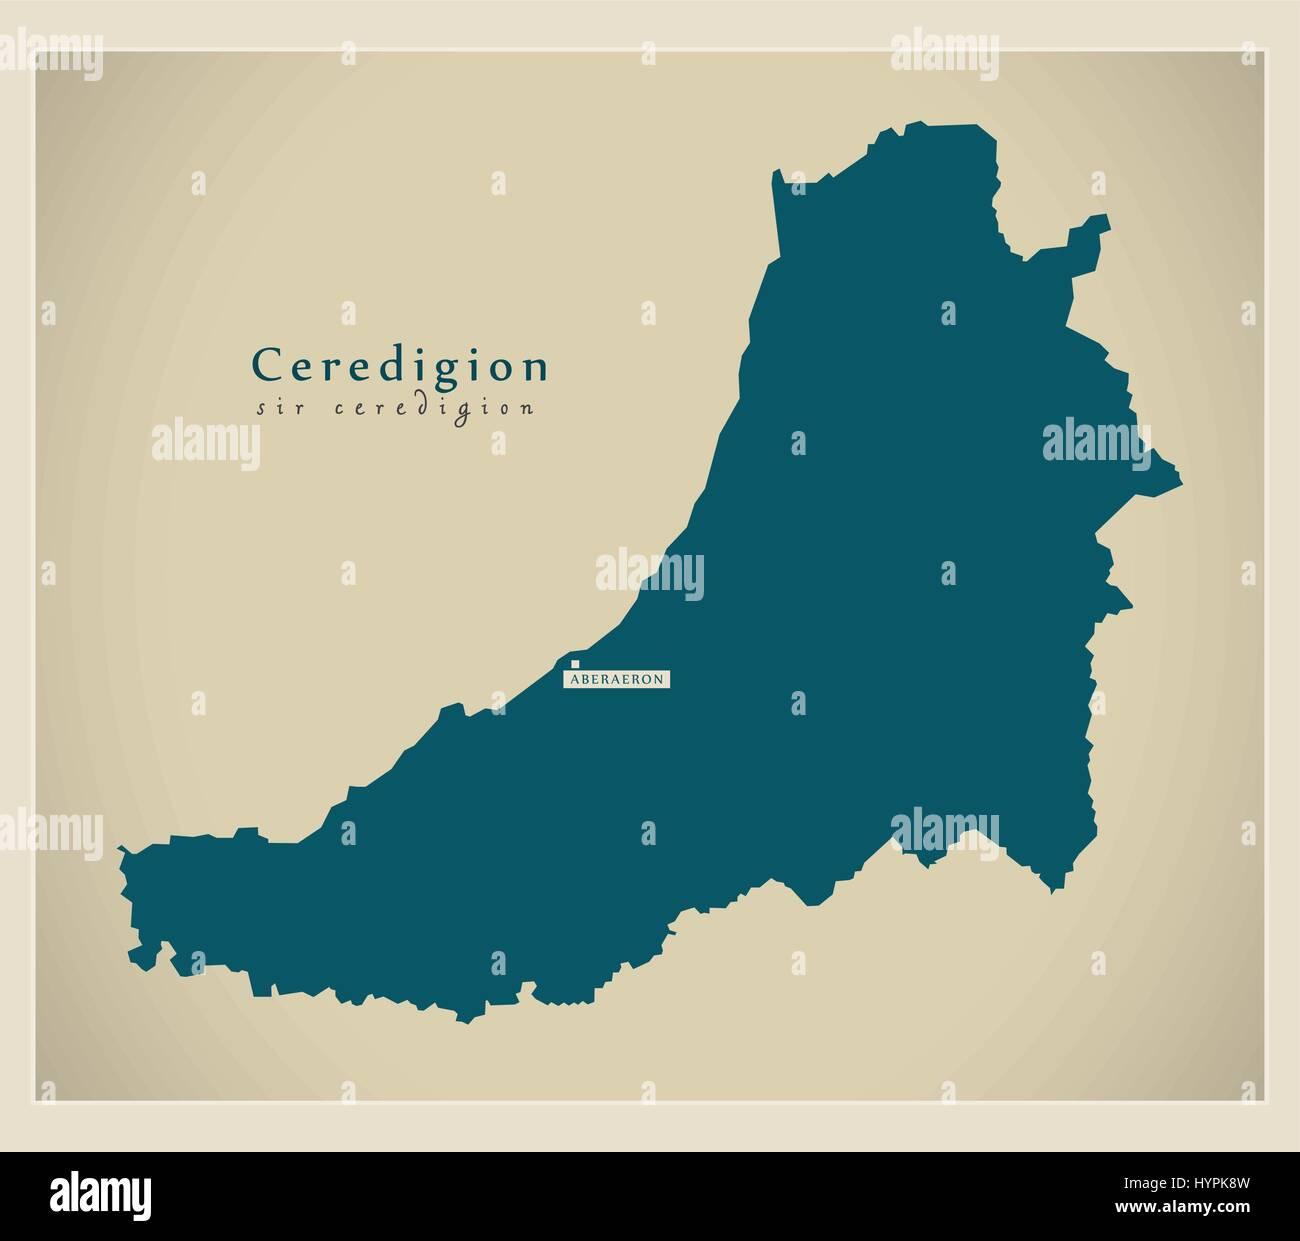 Modern Map - Ceredigion Wales UK - Stock Image